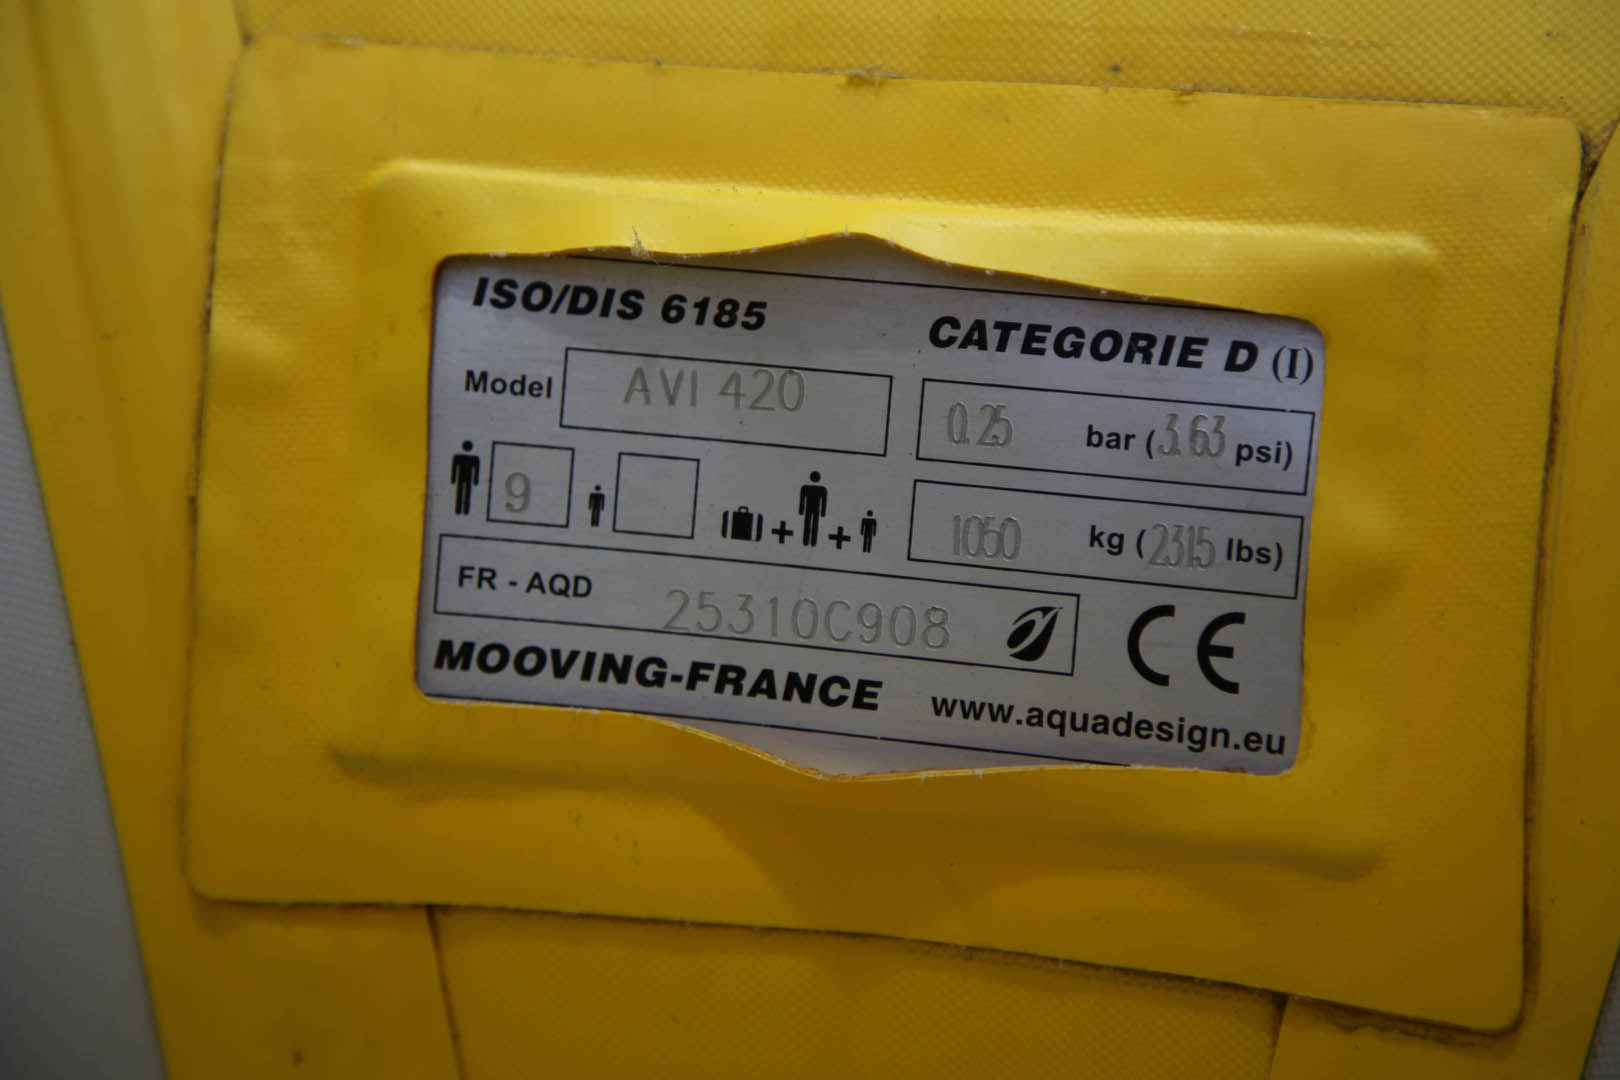 AVI 420 yellow 253 10 C9 08 B (1)